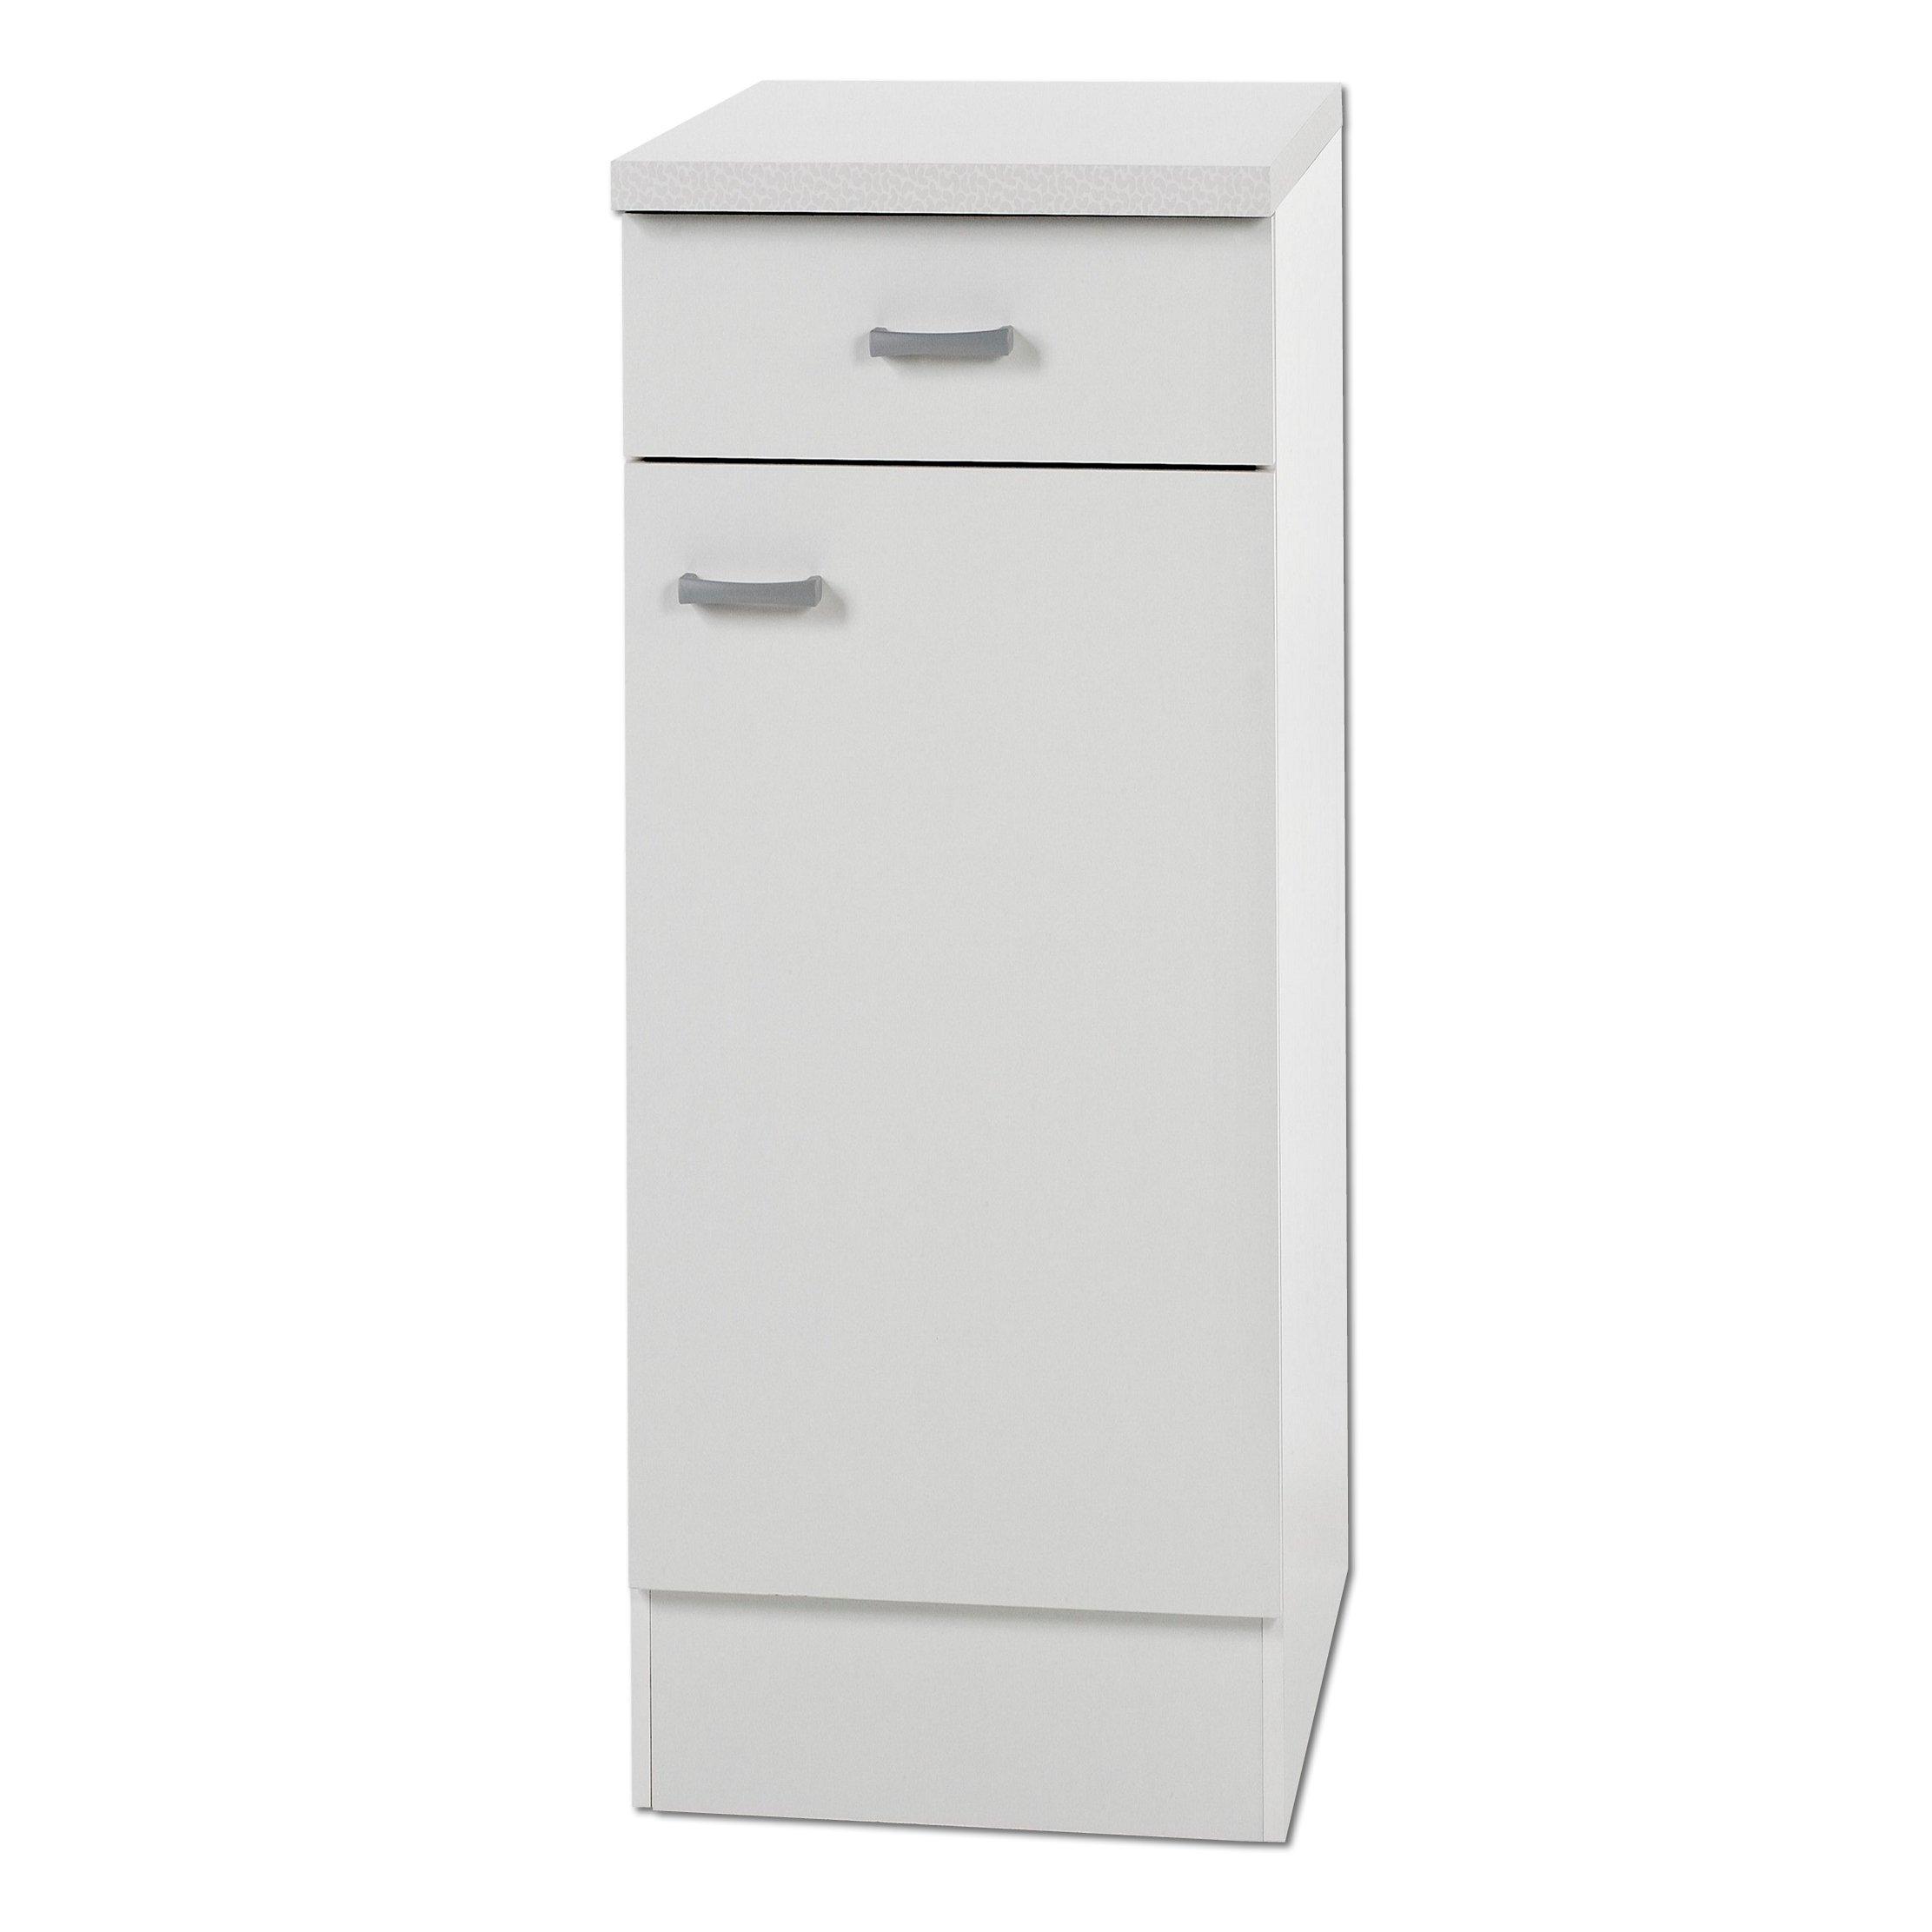 Full Size of Unterschrank Klassik Wei Mit Arbeitsplatte 30 Cm Breit Wohnzimmer Küchenunterschrank